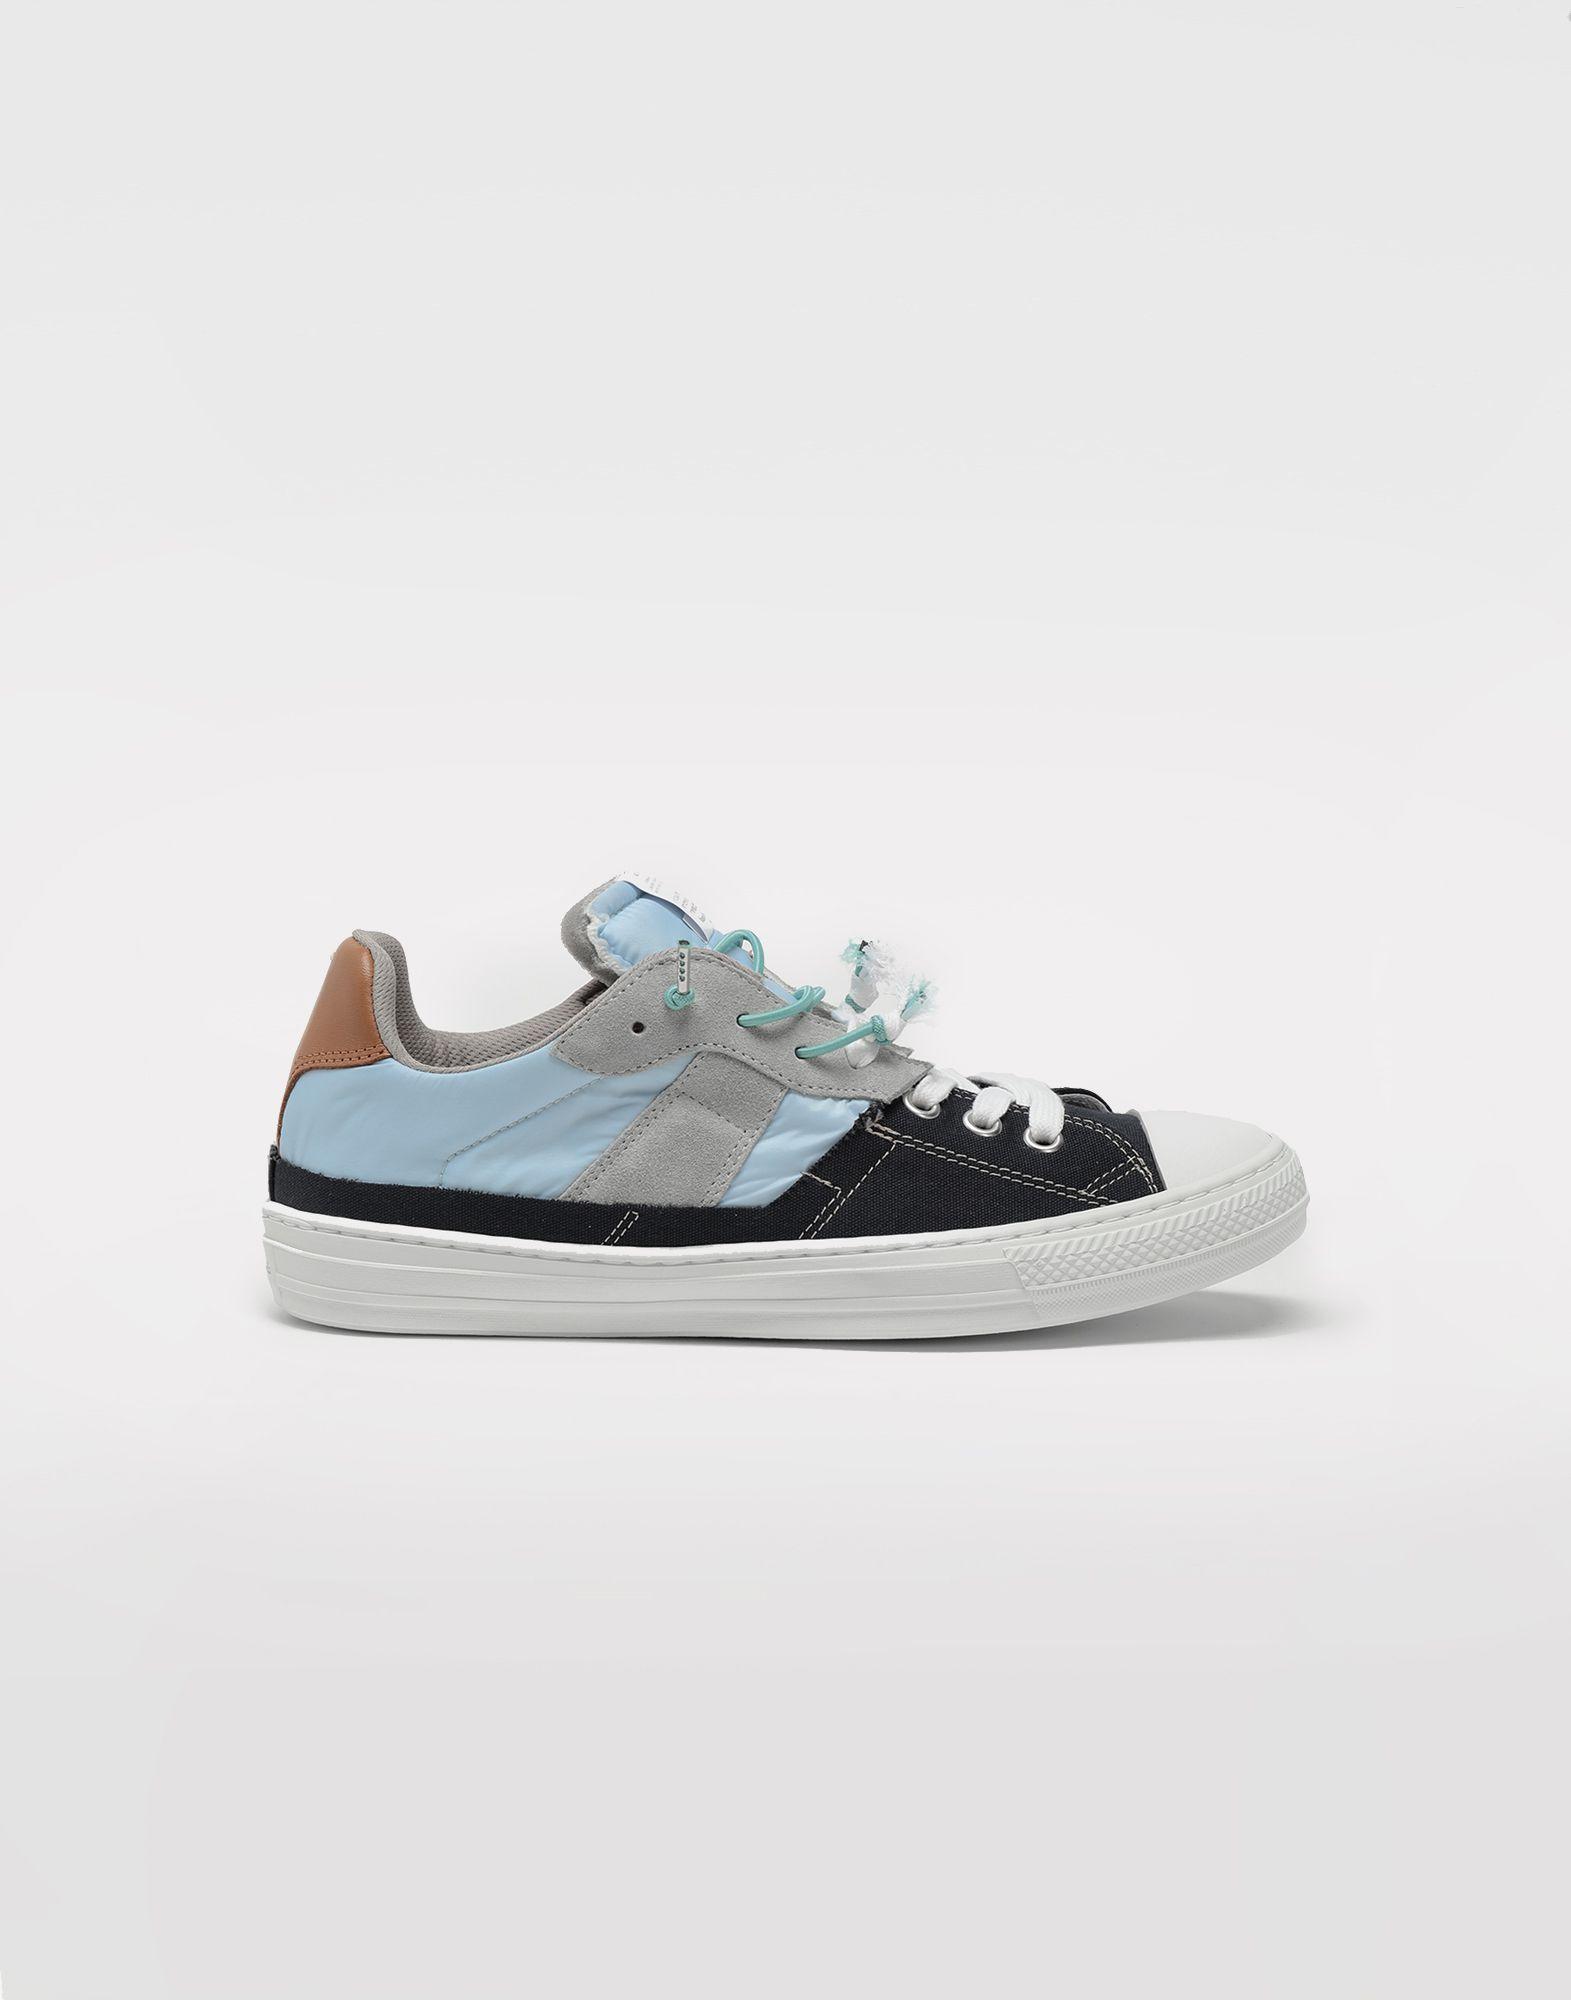 MAISON MARGIELA Spliced low top sneakers Sneakers Man f